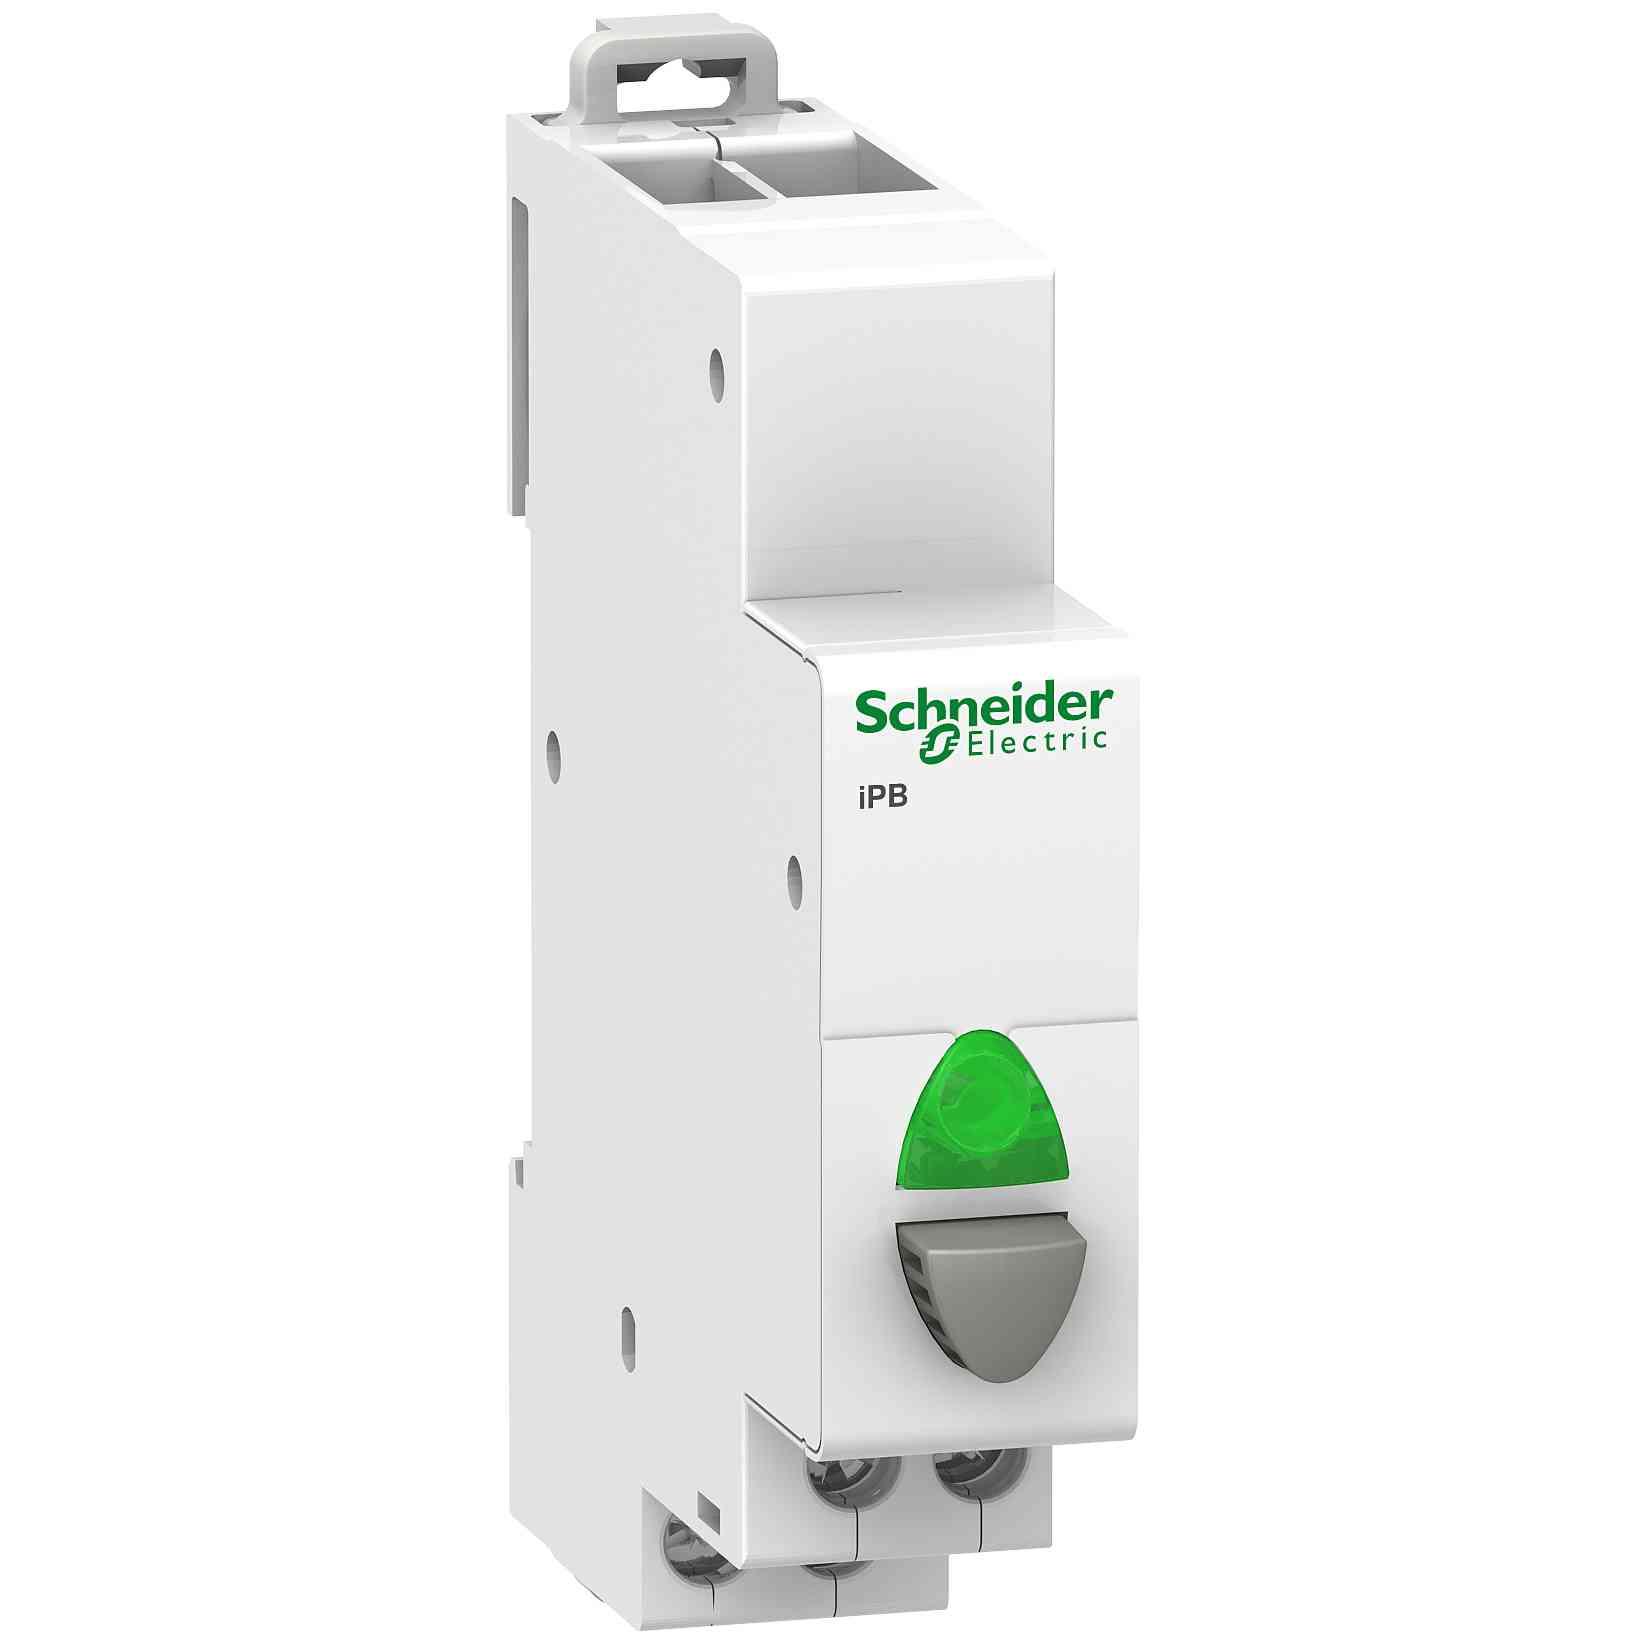 Enojna siva tipka Acti9 iPB 1 NO - zelena indikatorska luč 12 do 48 V AC/DC